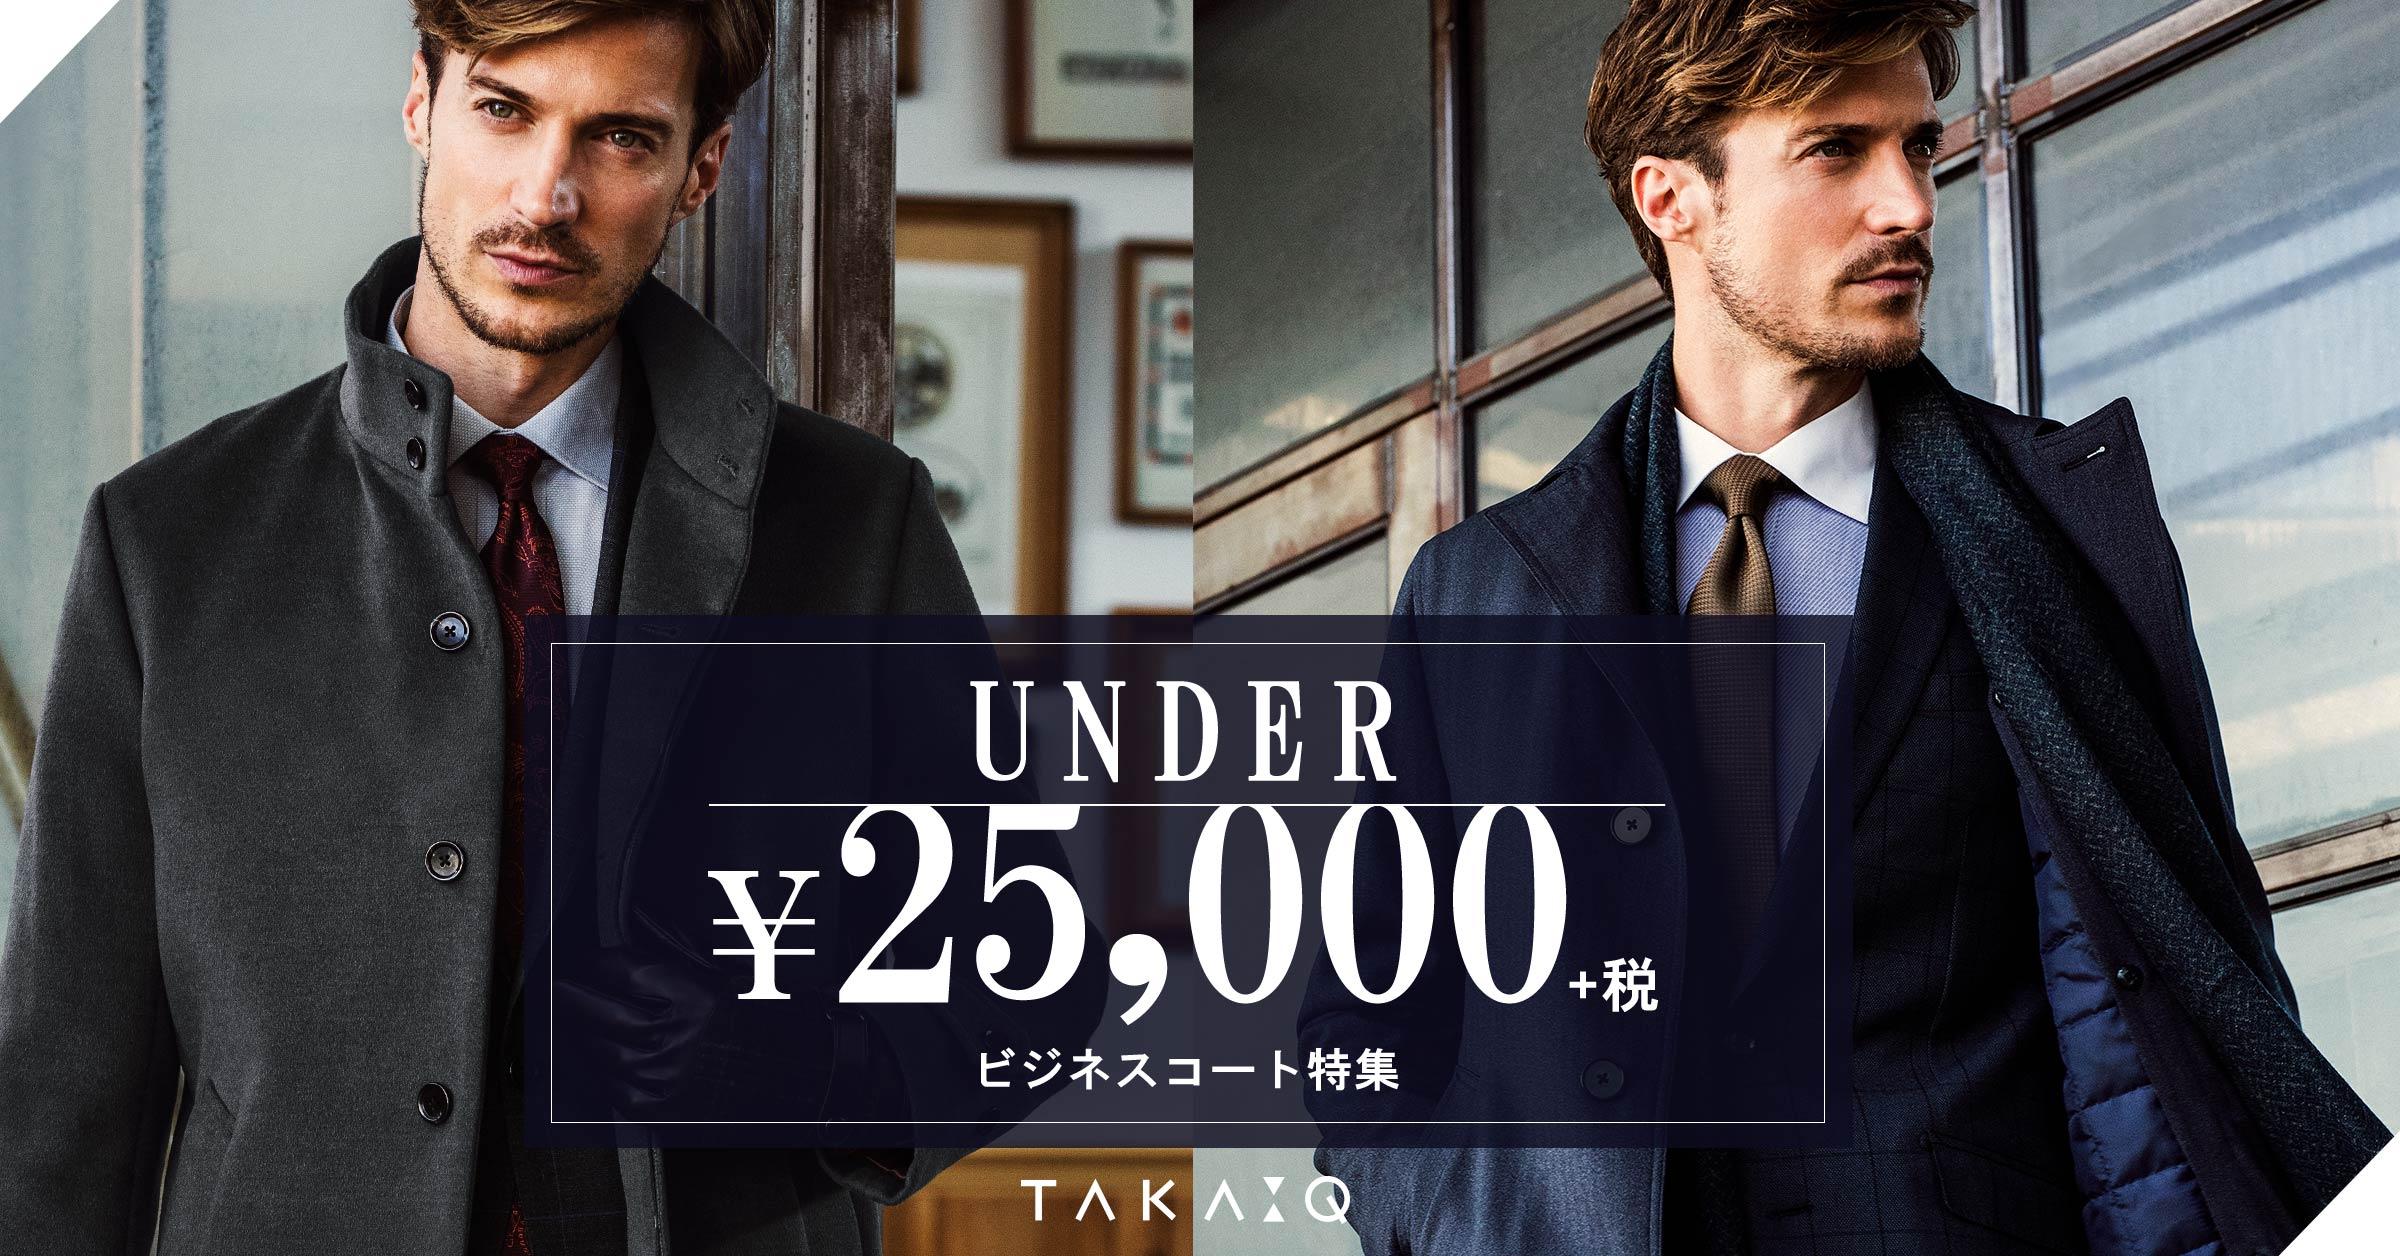 ¥25,000+税以下のビジネスコート